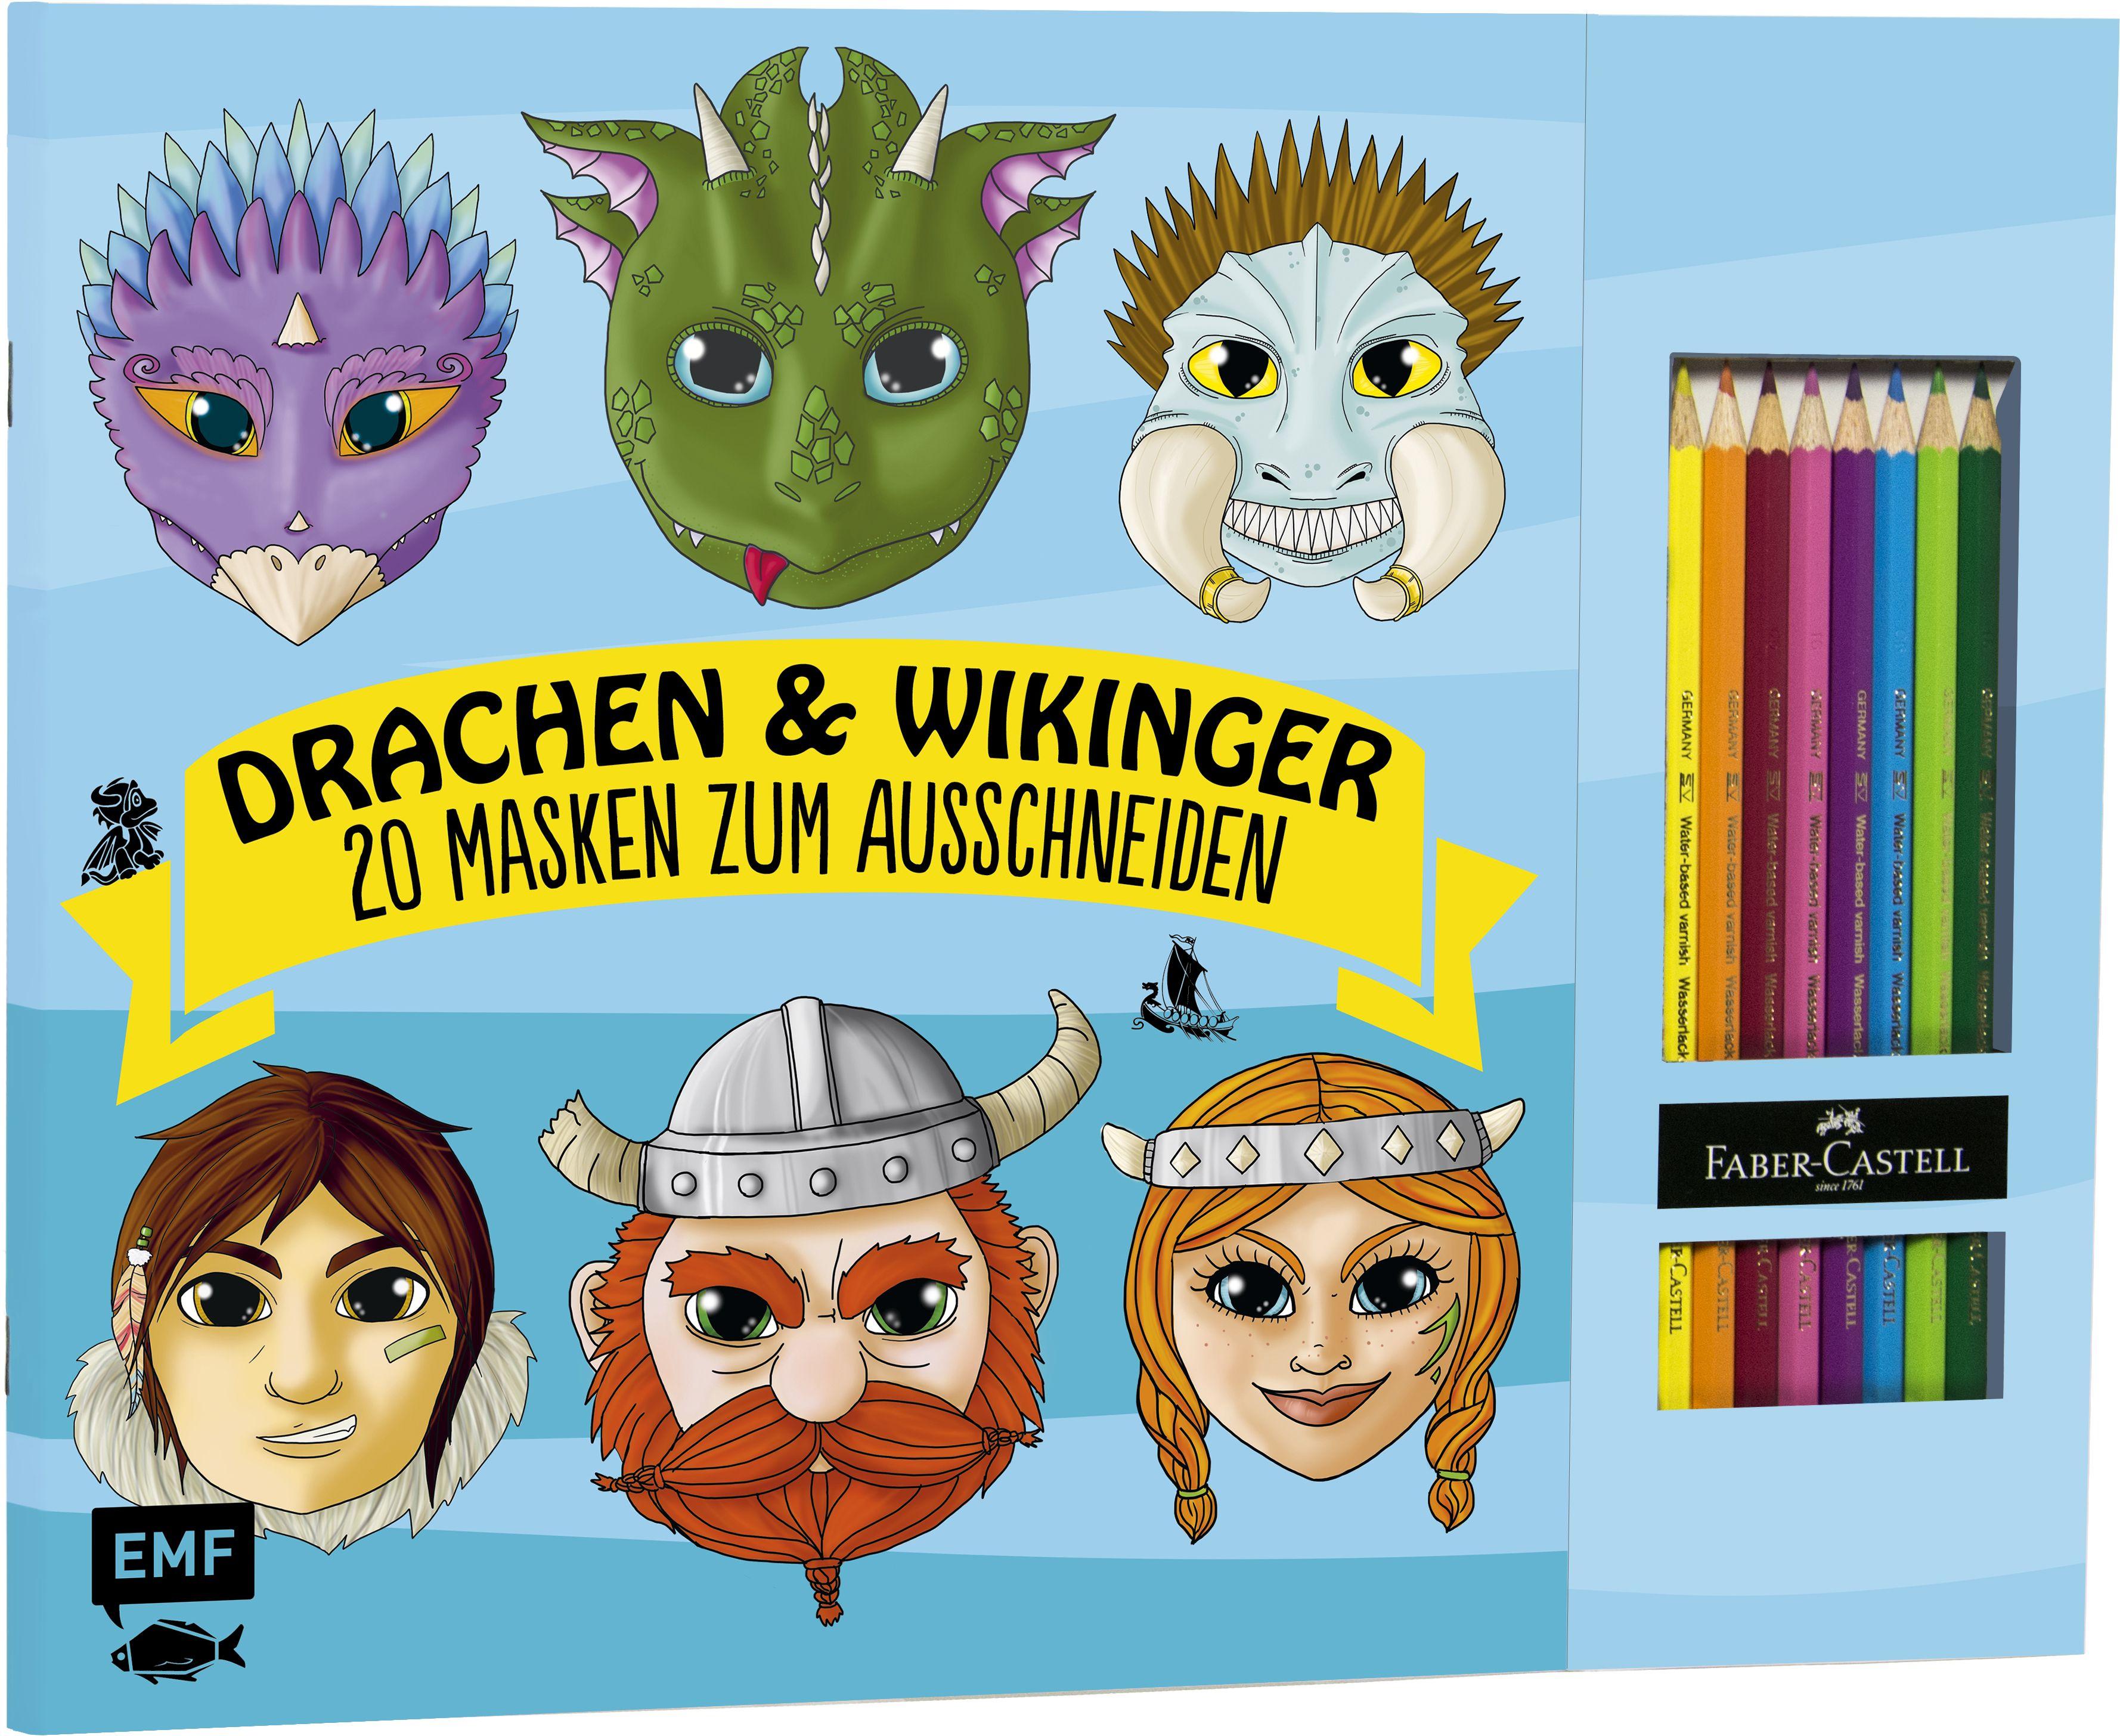 drachen wikinger 20 masken zum ausmalen und. Black Bedroom Furniture Sets. Home Design Ideas